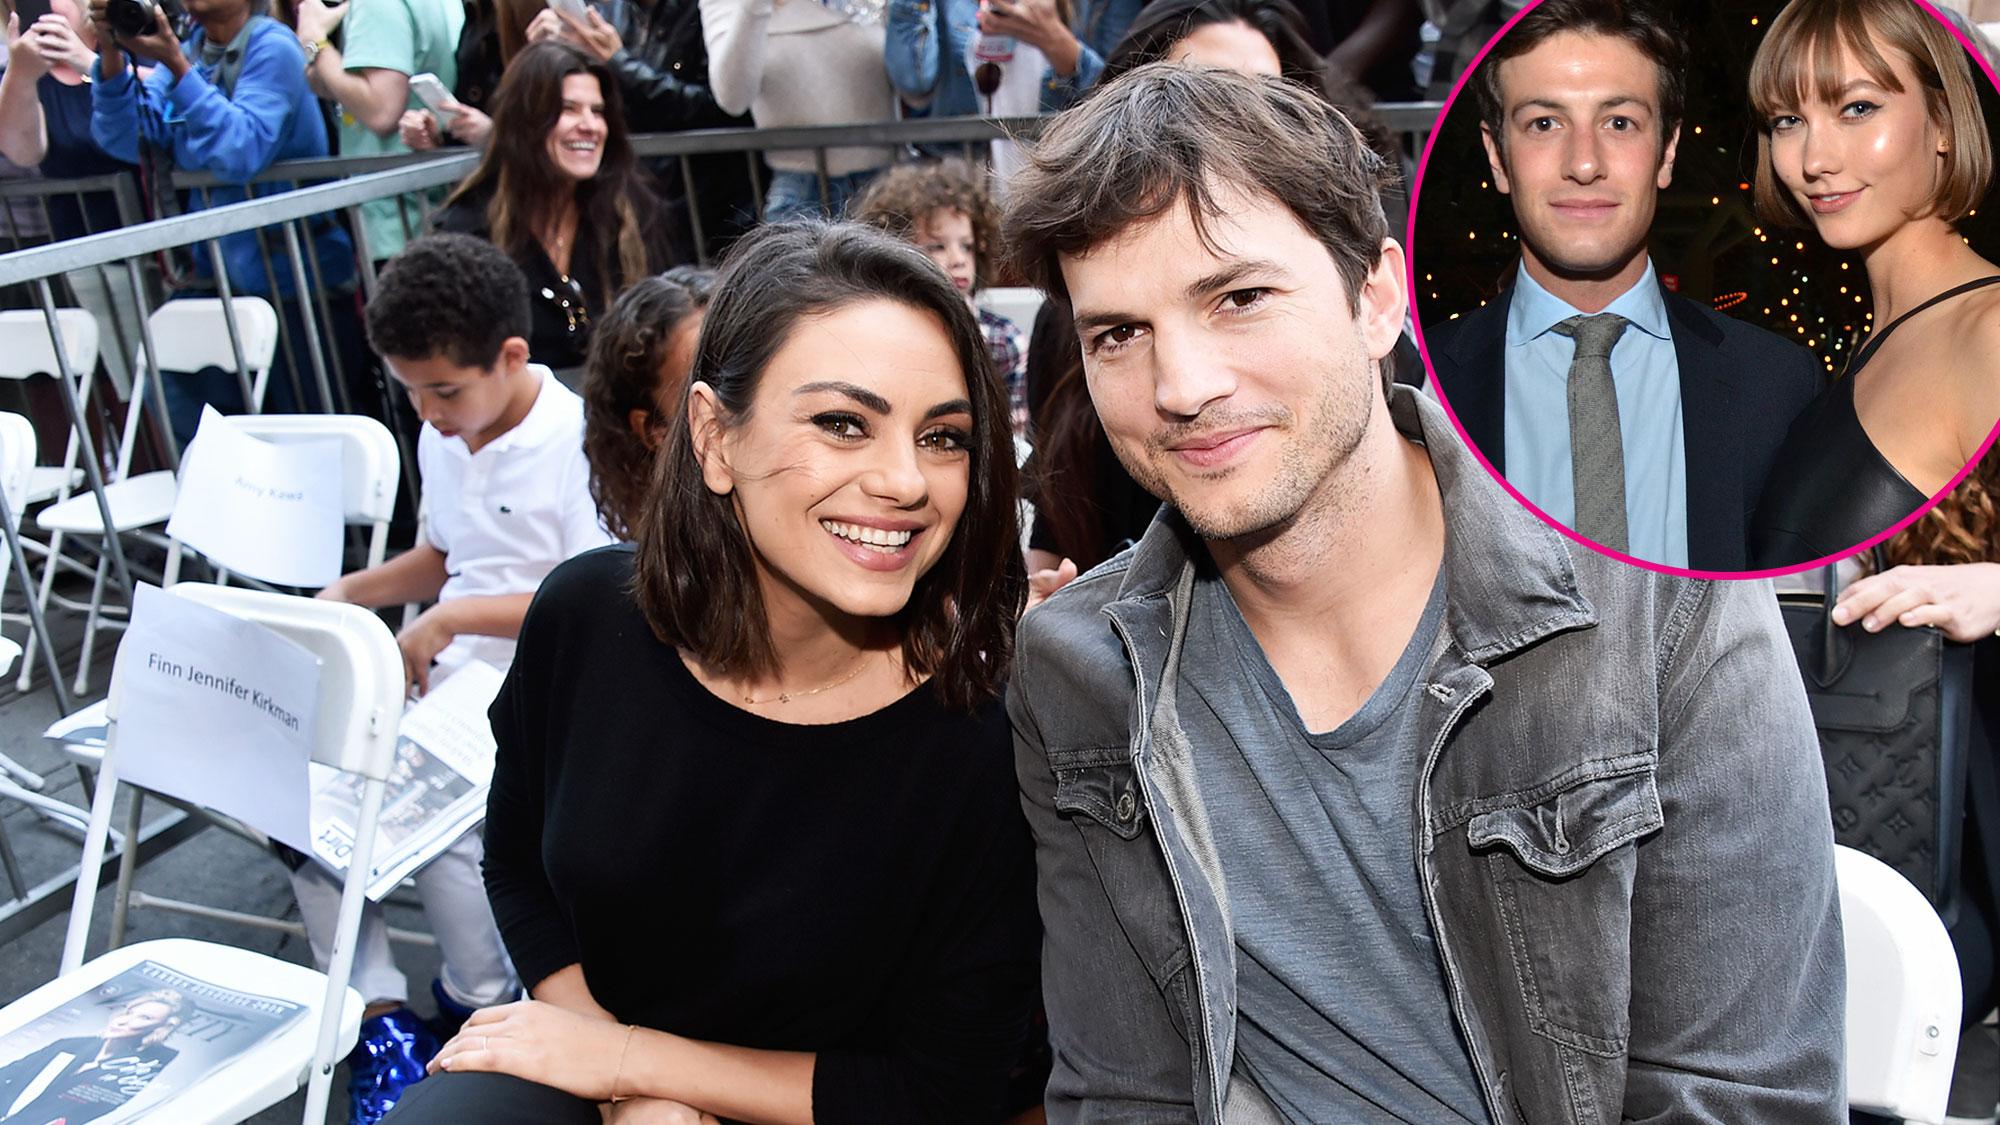 7dce05495c8 Ashton Kutcher and Mila Kunis Attended Karlie Kloss and Joshua Kushner s   Very Low-Key  Wedding